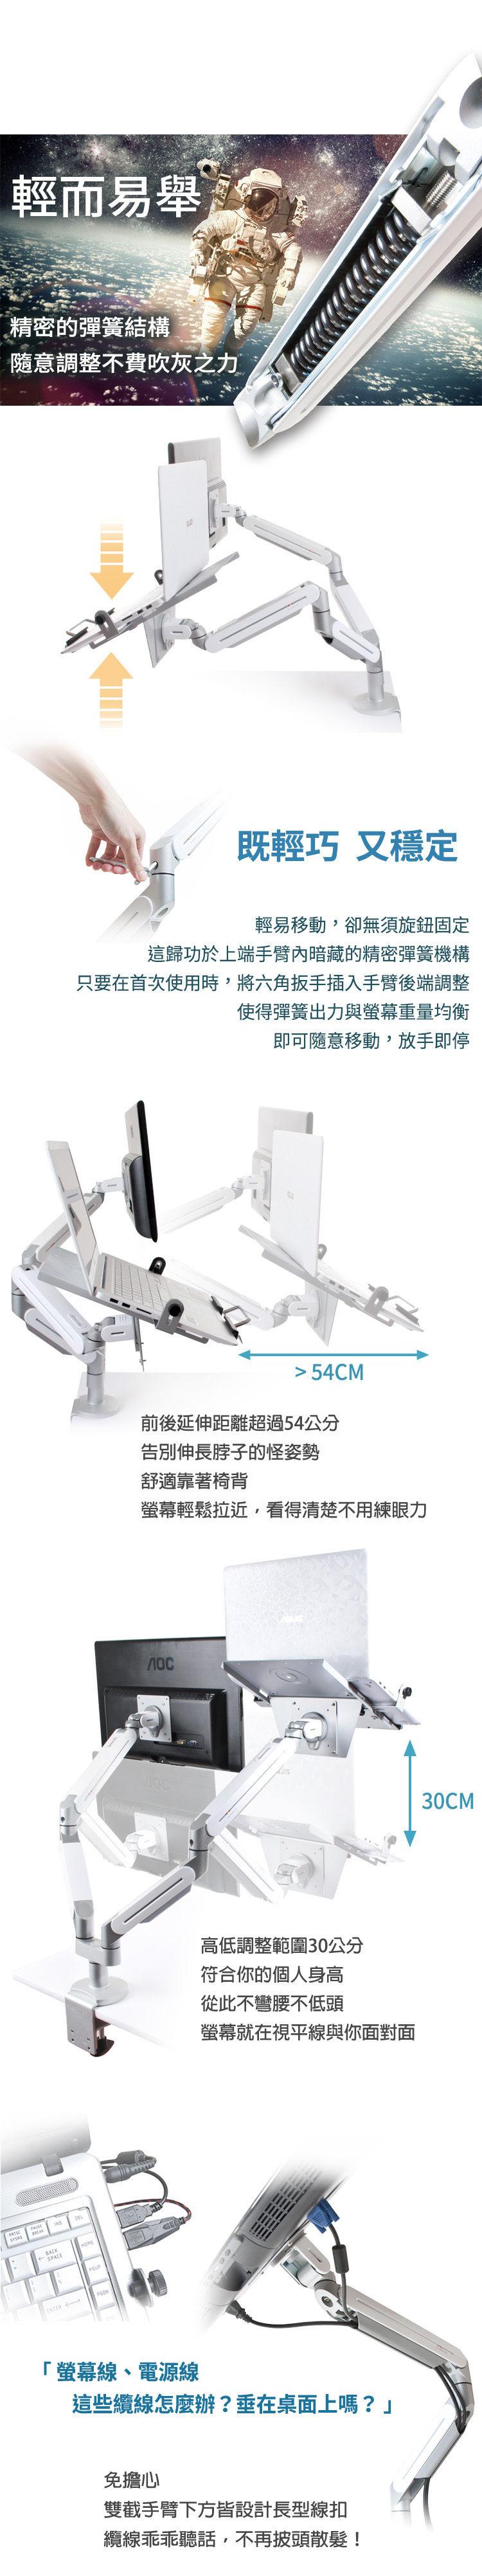 精巧彈簧臂設計,市面上最輕易調整的懸臂螢幕架,適用兩個螢幕,或一個螢幕一筆電